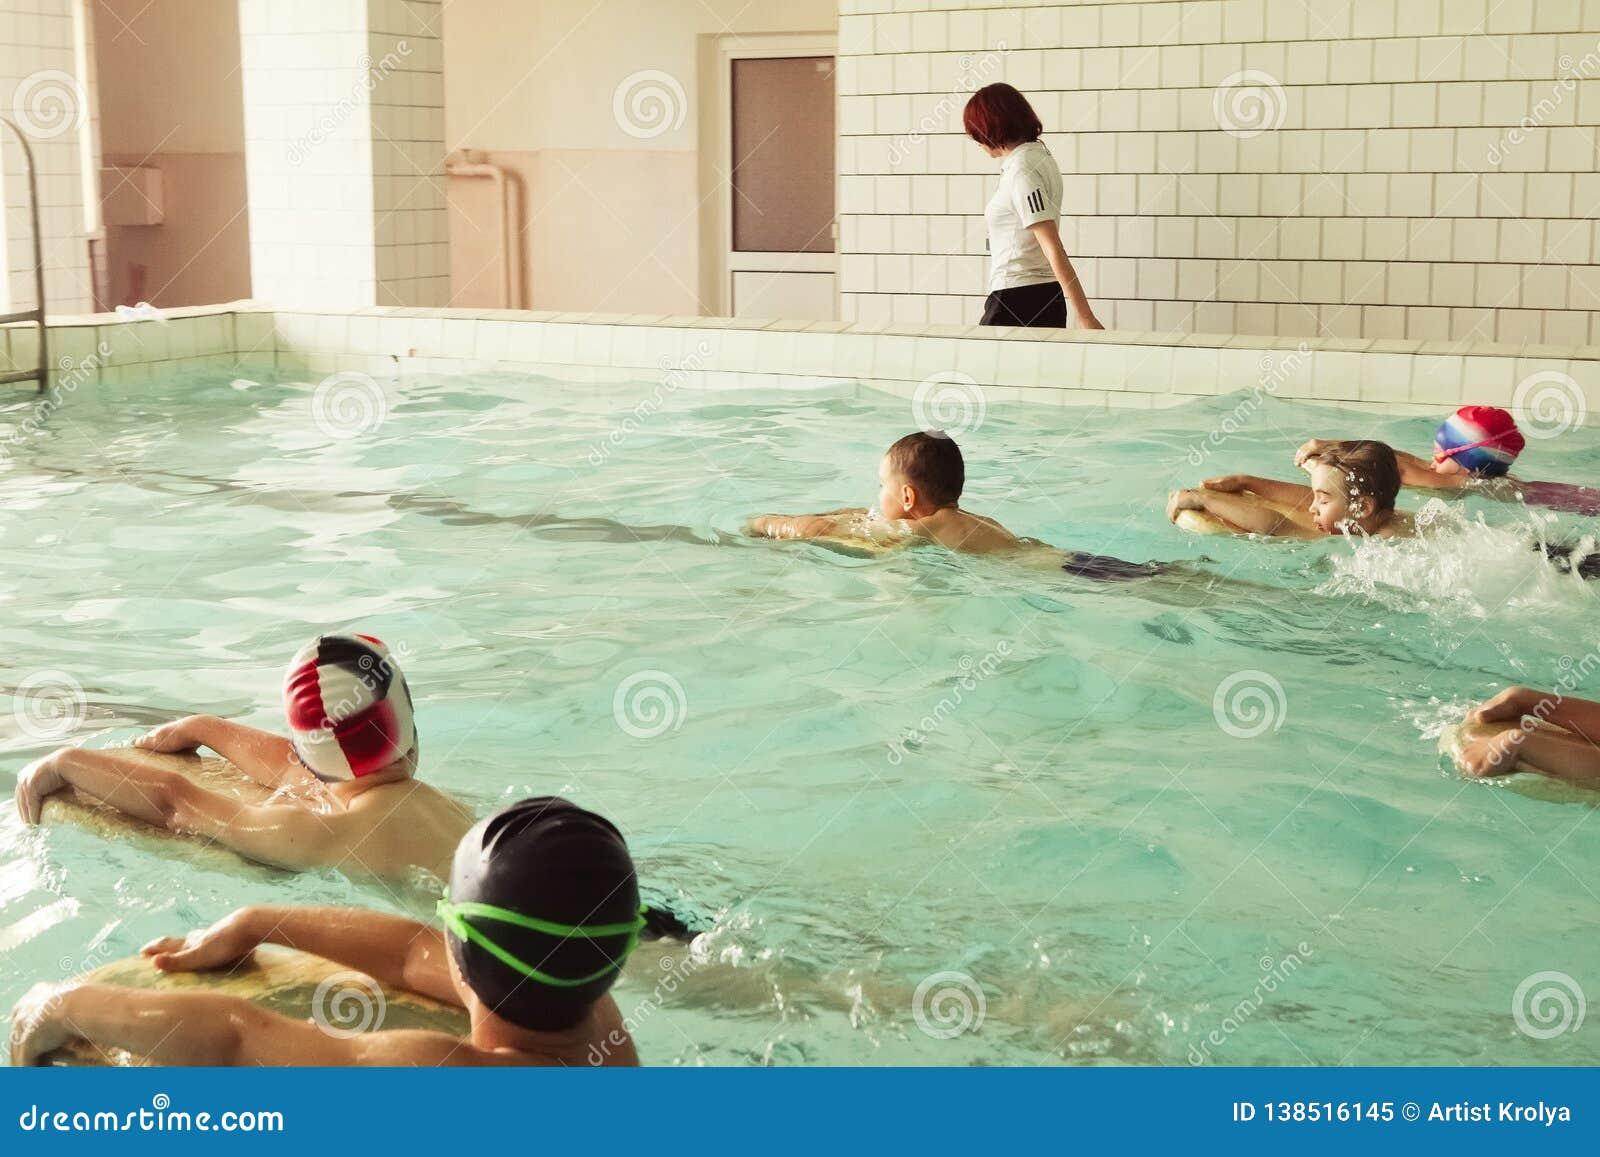 Στοιχειώδη παιδιά σχολείου μέσα στο μάθημα δεξιοτήτων κολύμβησης